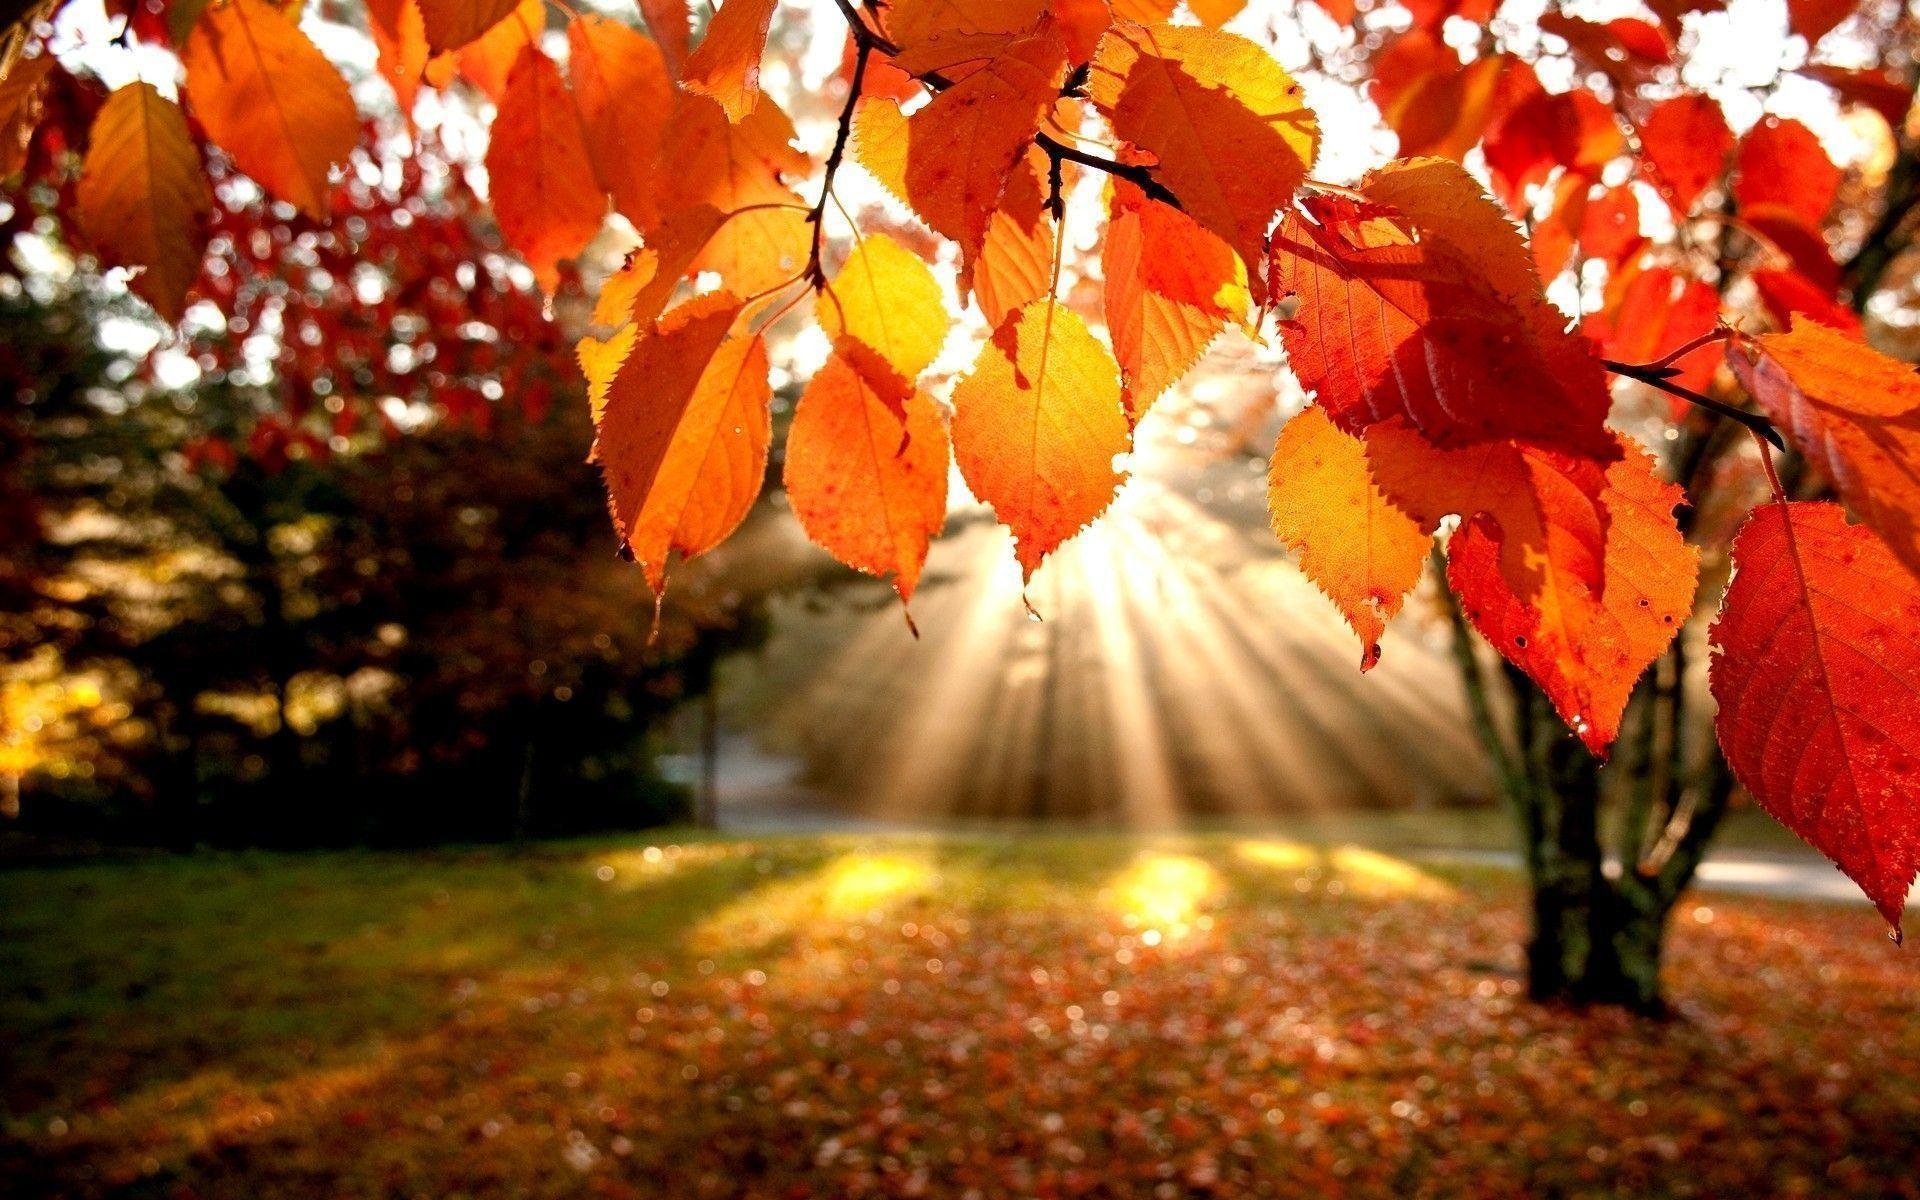 Fall Leaves Wallpapers for Desktop, wallpaper, Fall Leaves .